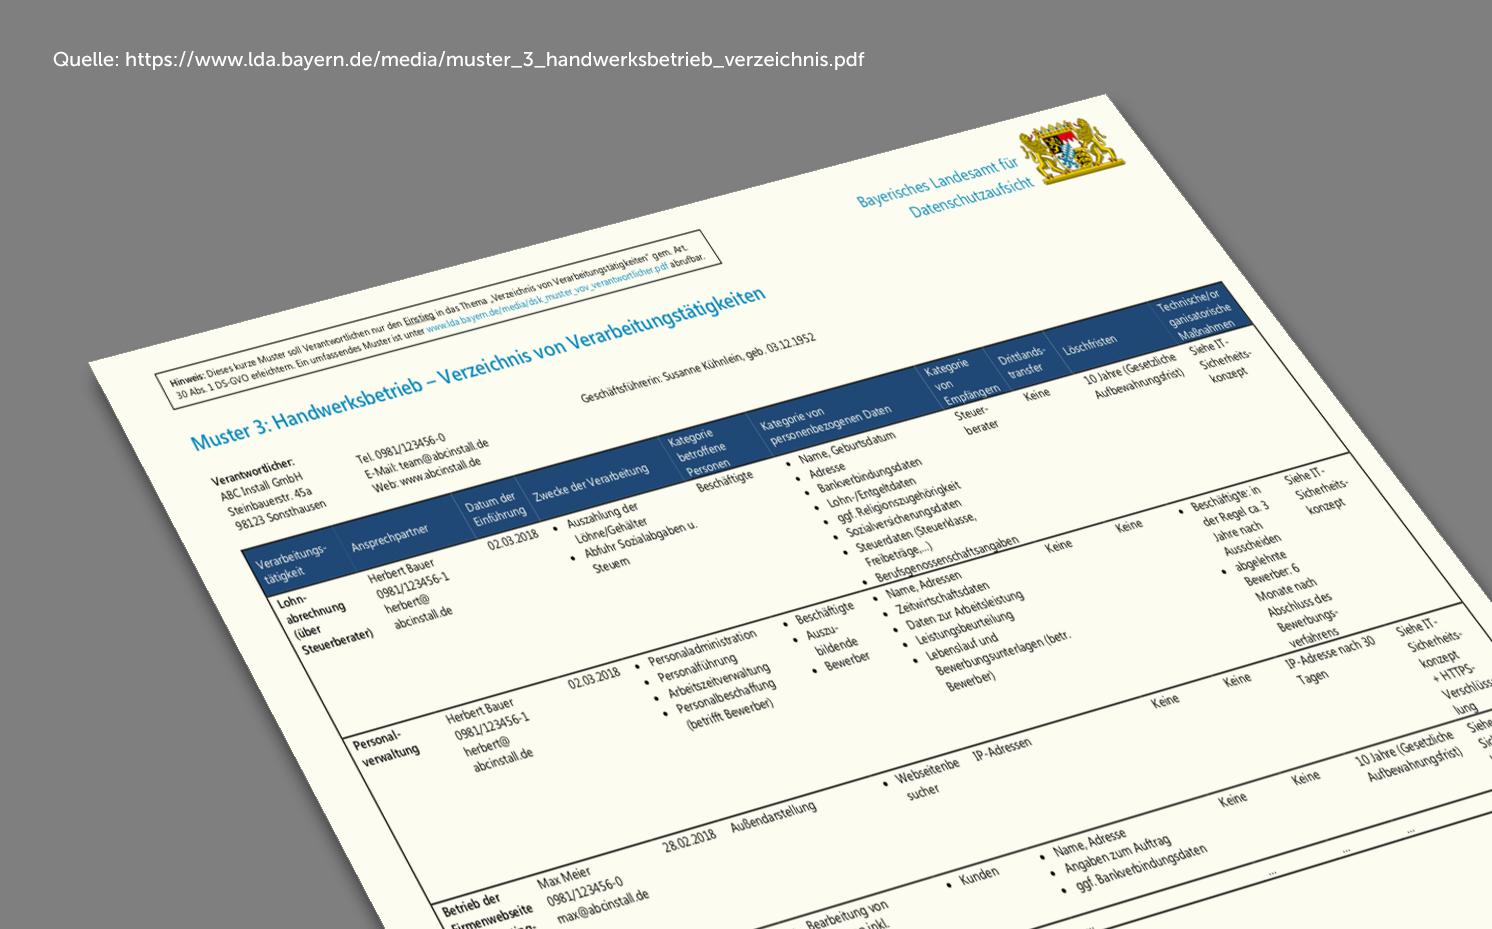 Datenschutzerklarung Und Verzeichnis Von Verarbeitungstatigkeiten